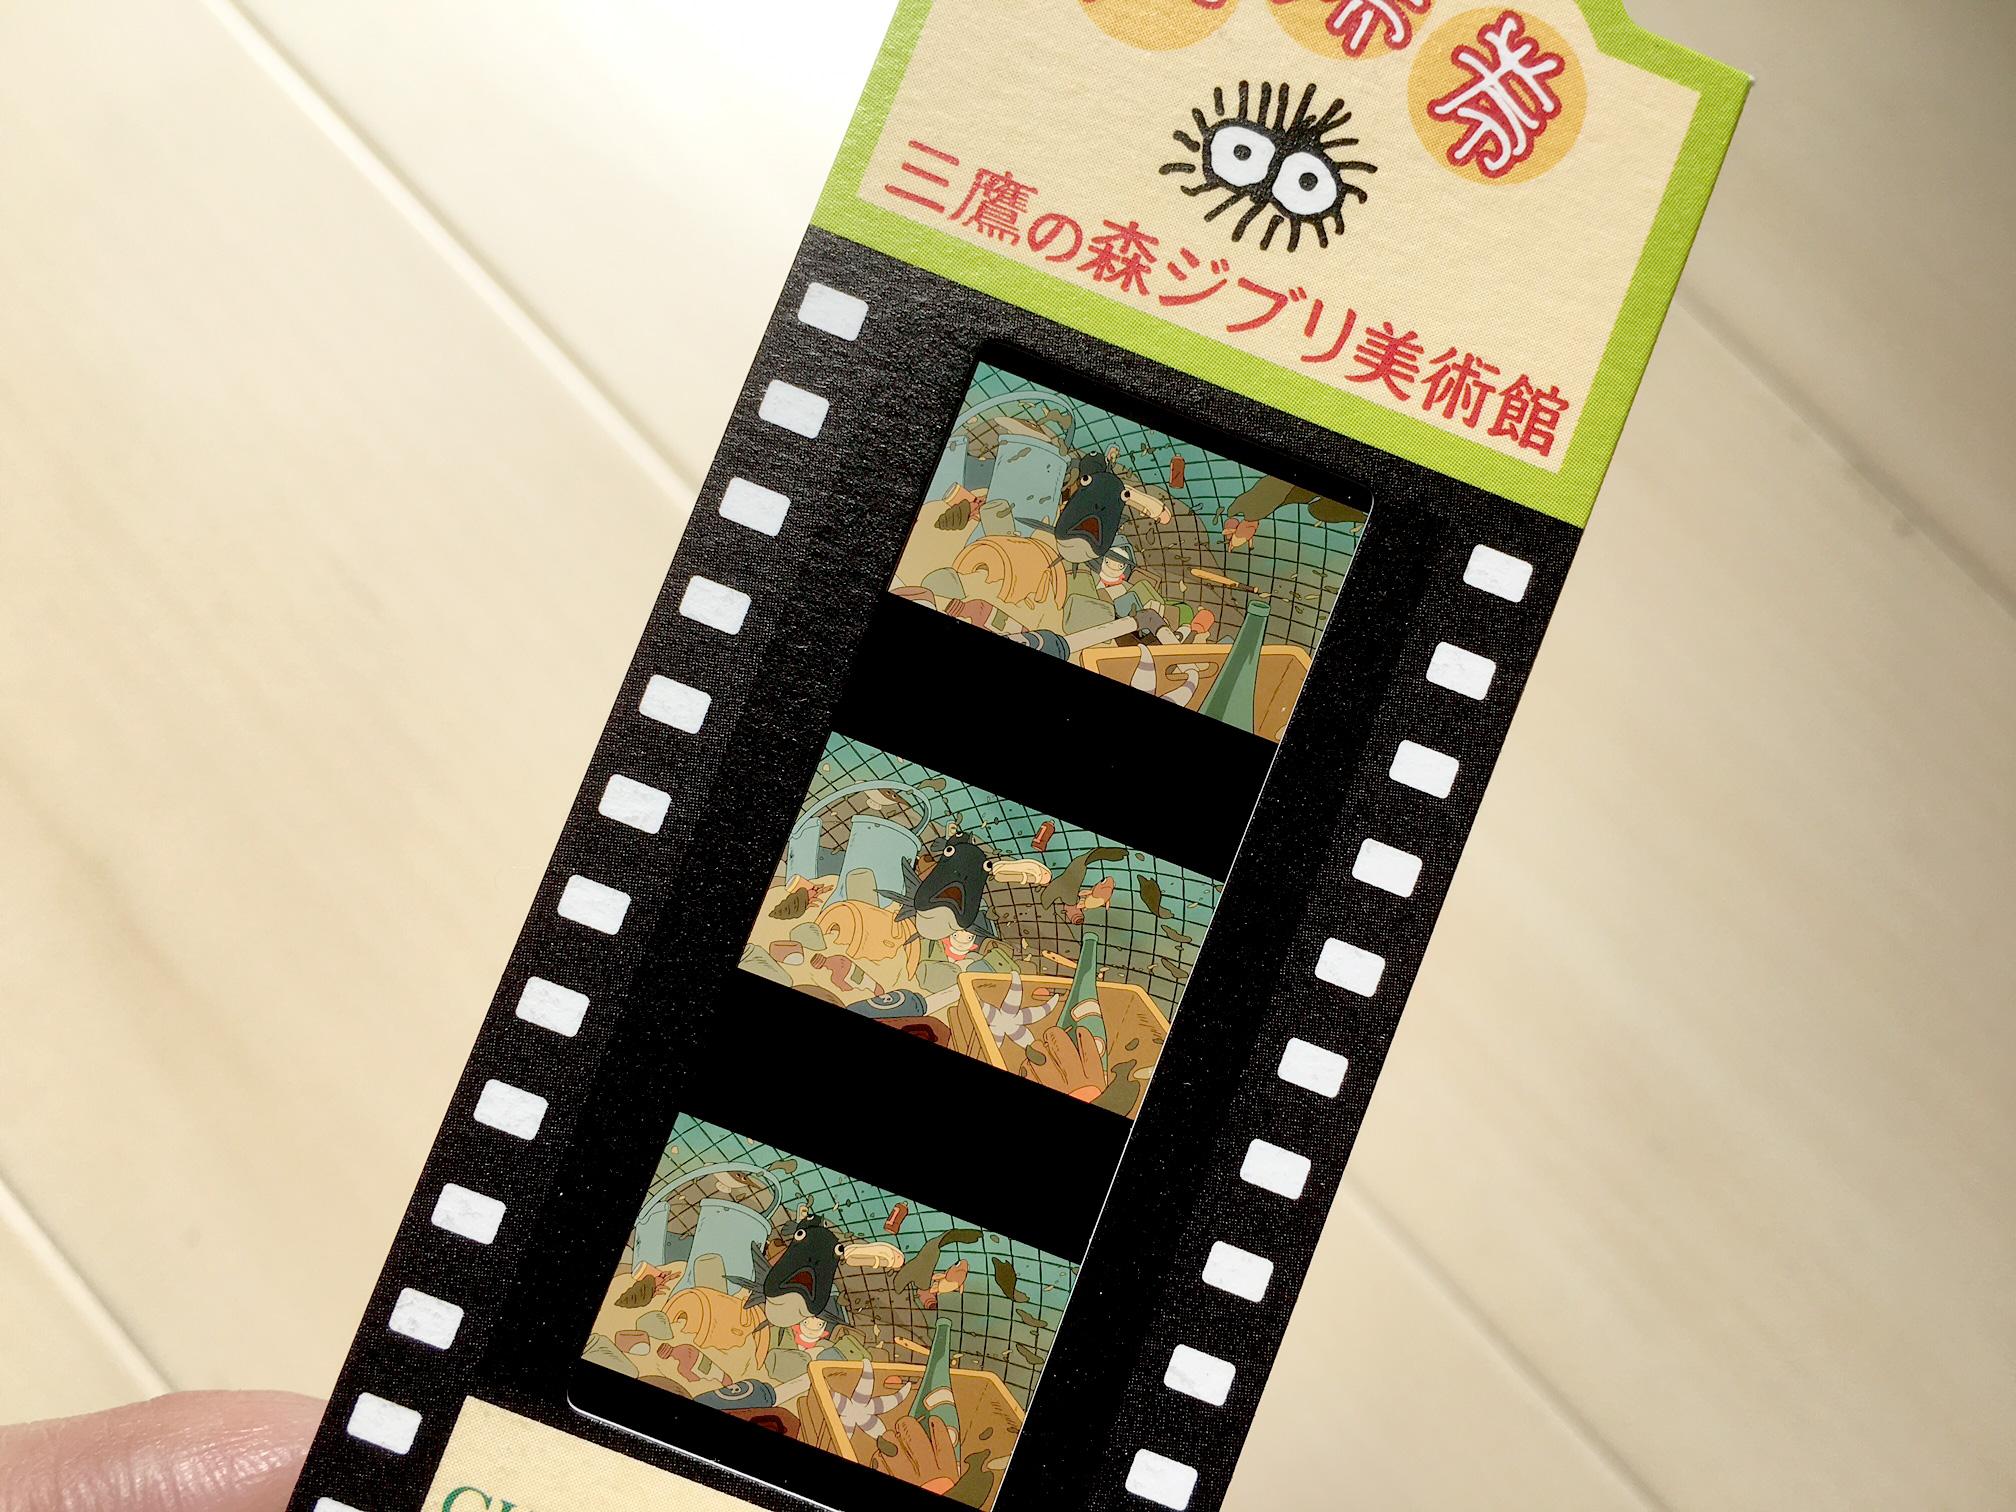 三鷹の森美術館フィルム入場券